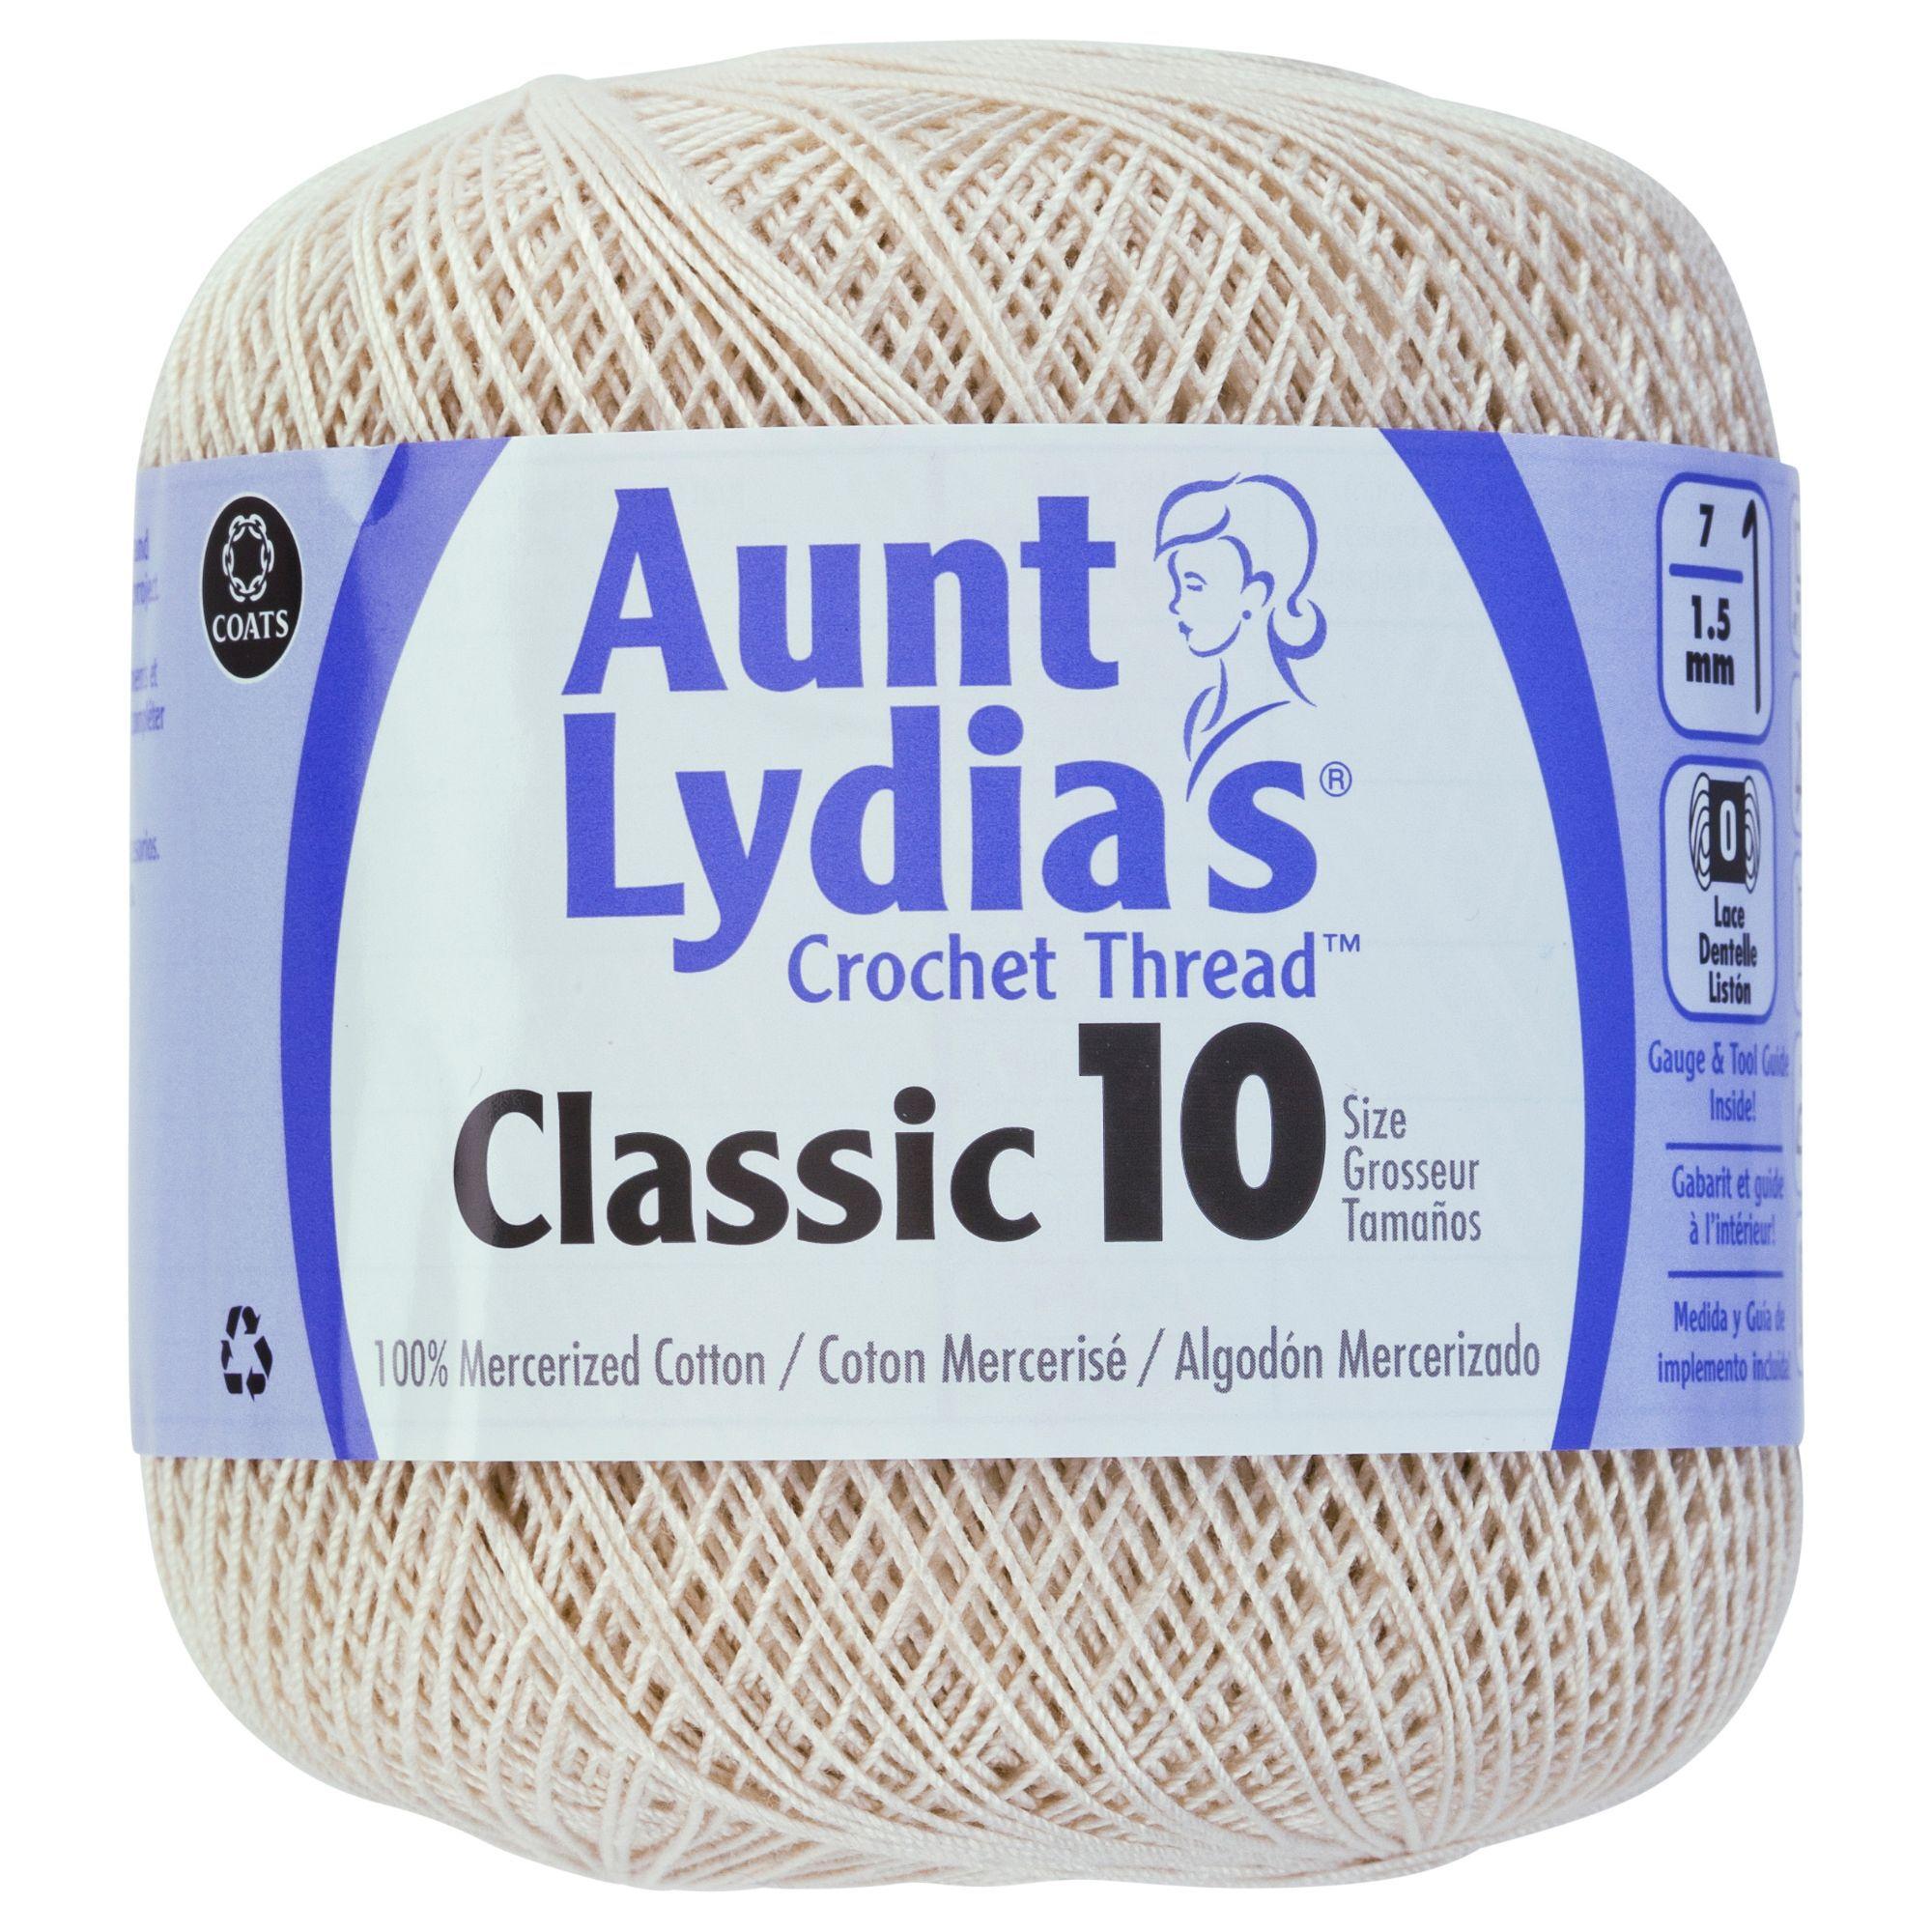 Aunt Lydia/'s Classic 10 Crochet Thread in Ecru